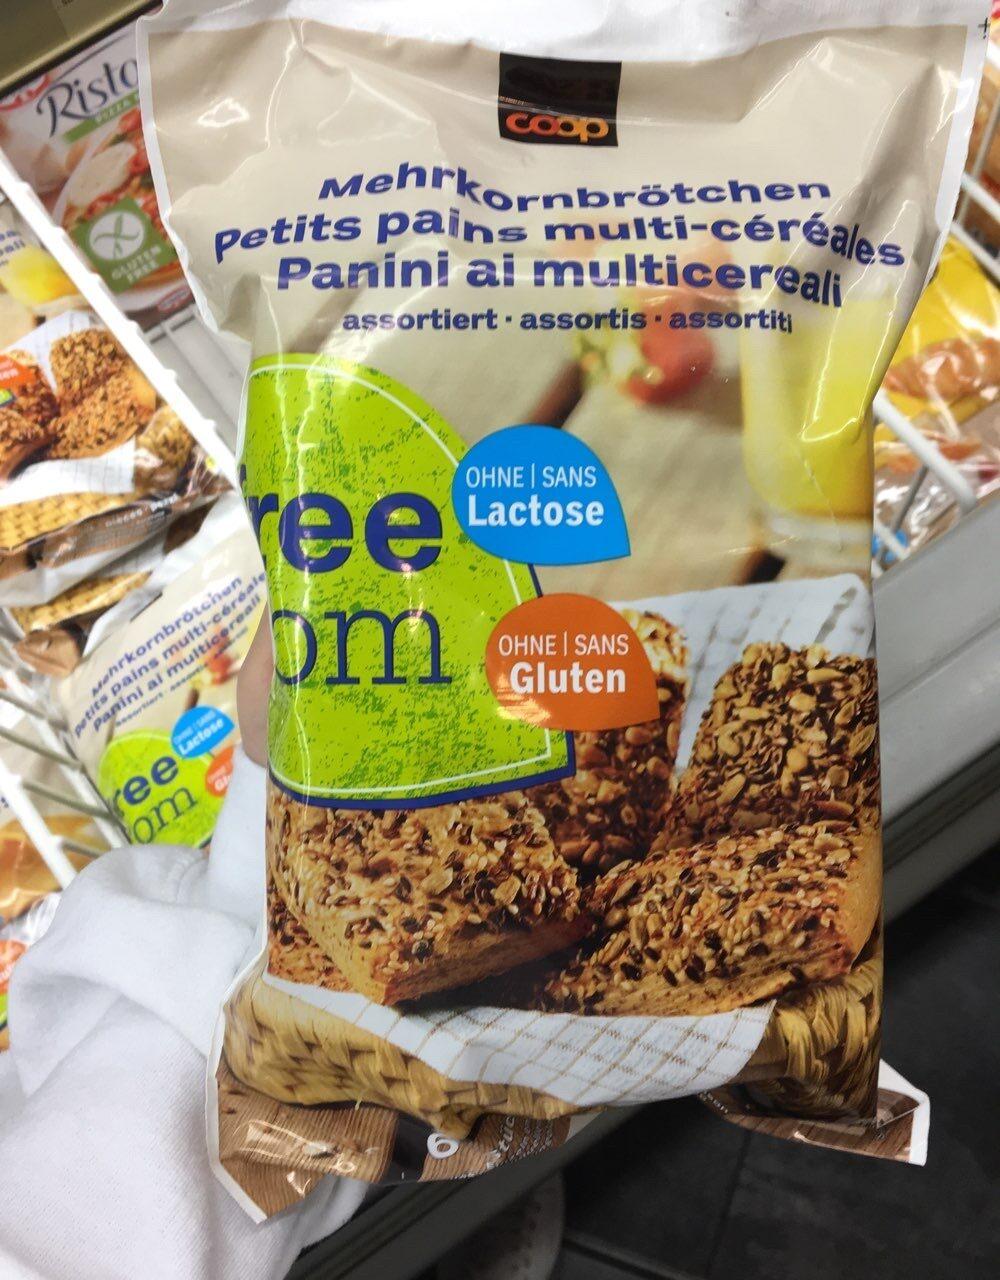 Petits pain multi-céréales - Prodotto - fr